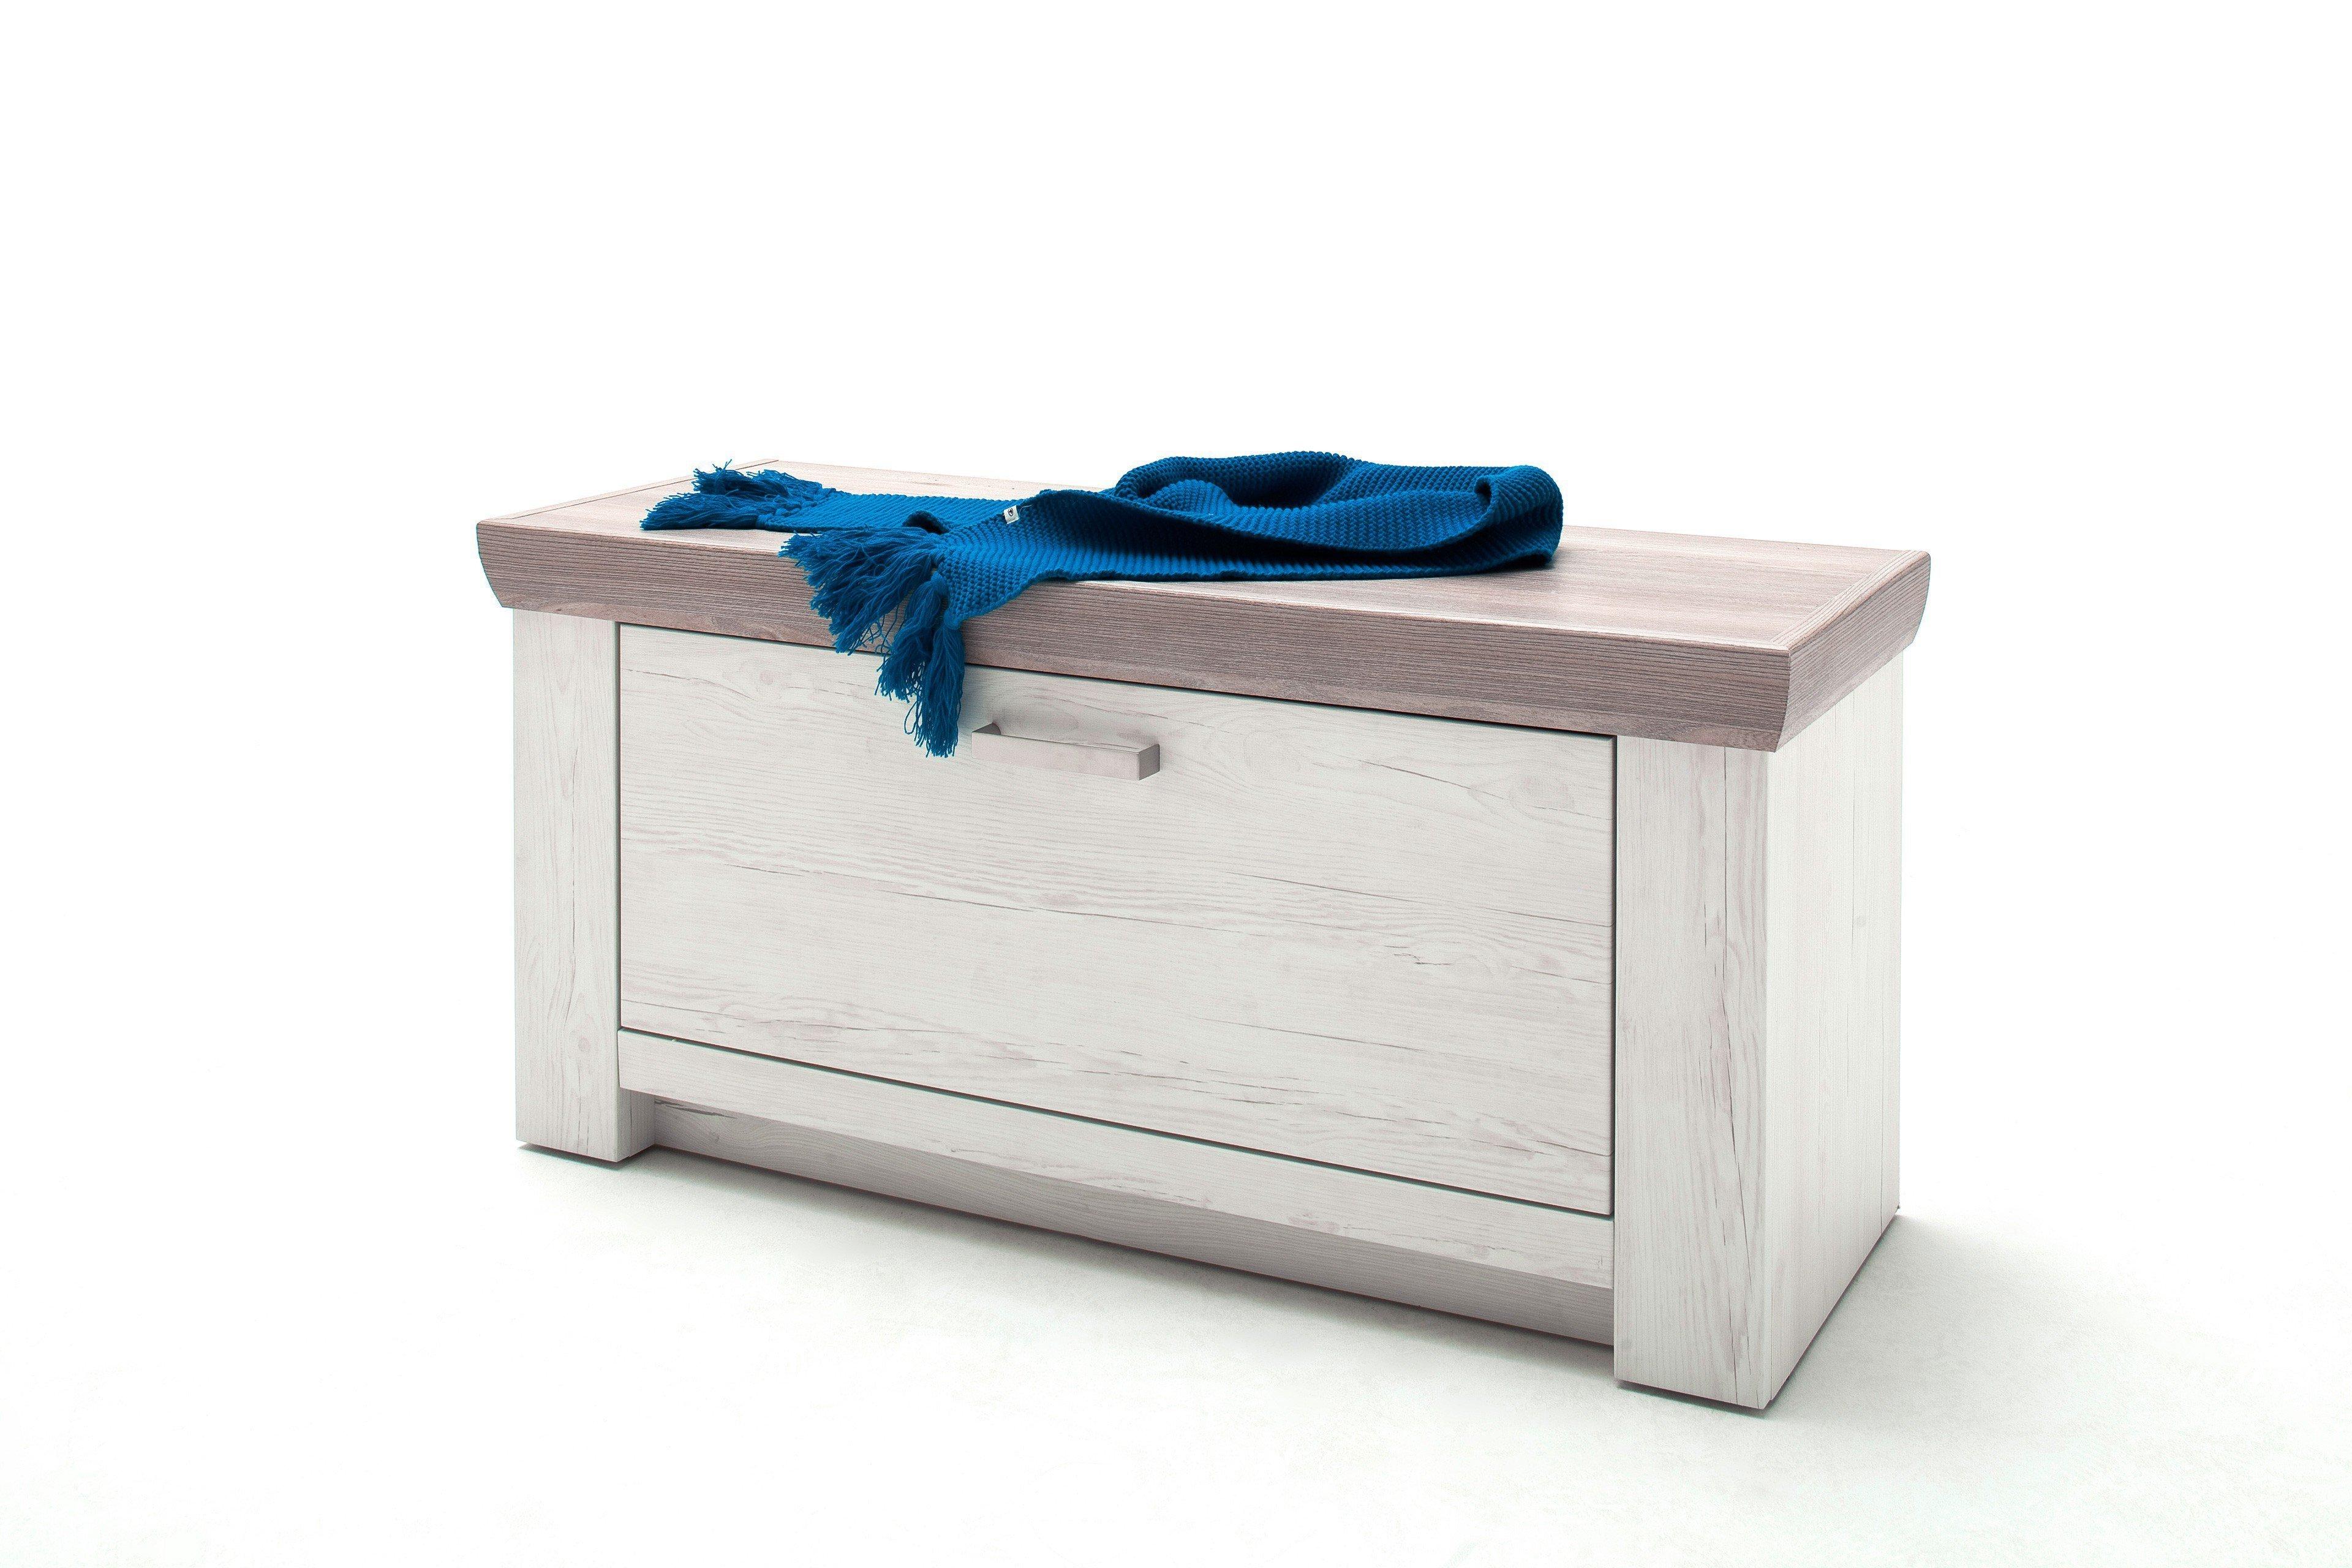 e4a2fe10533e50 Garderobenbank Bozen Pinie Aurelio - MCA furniture